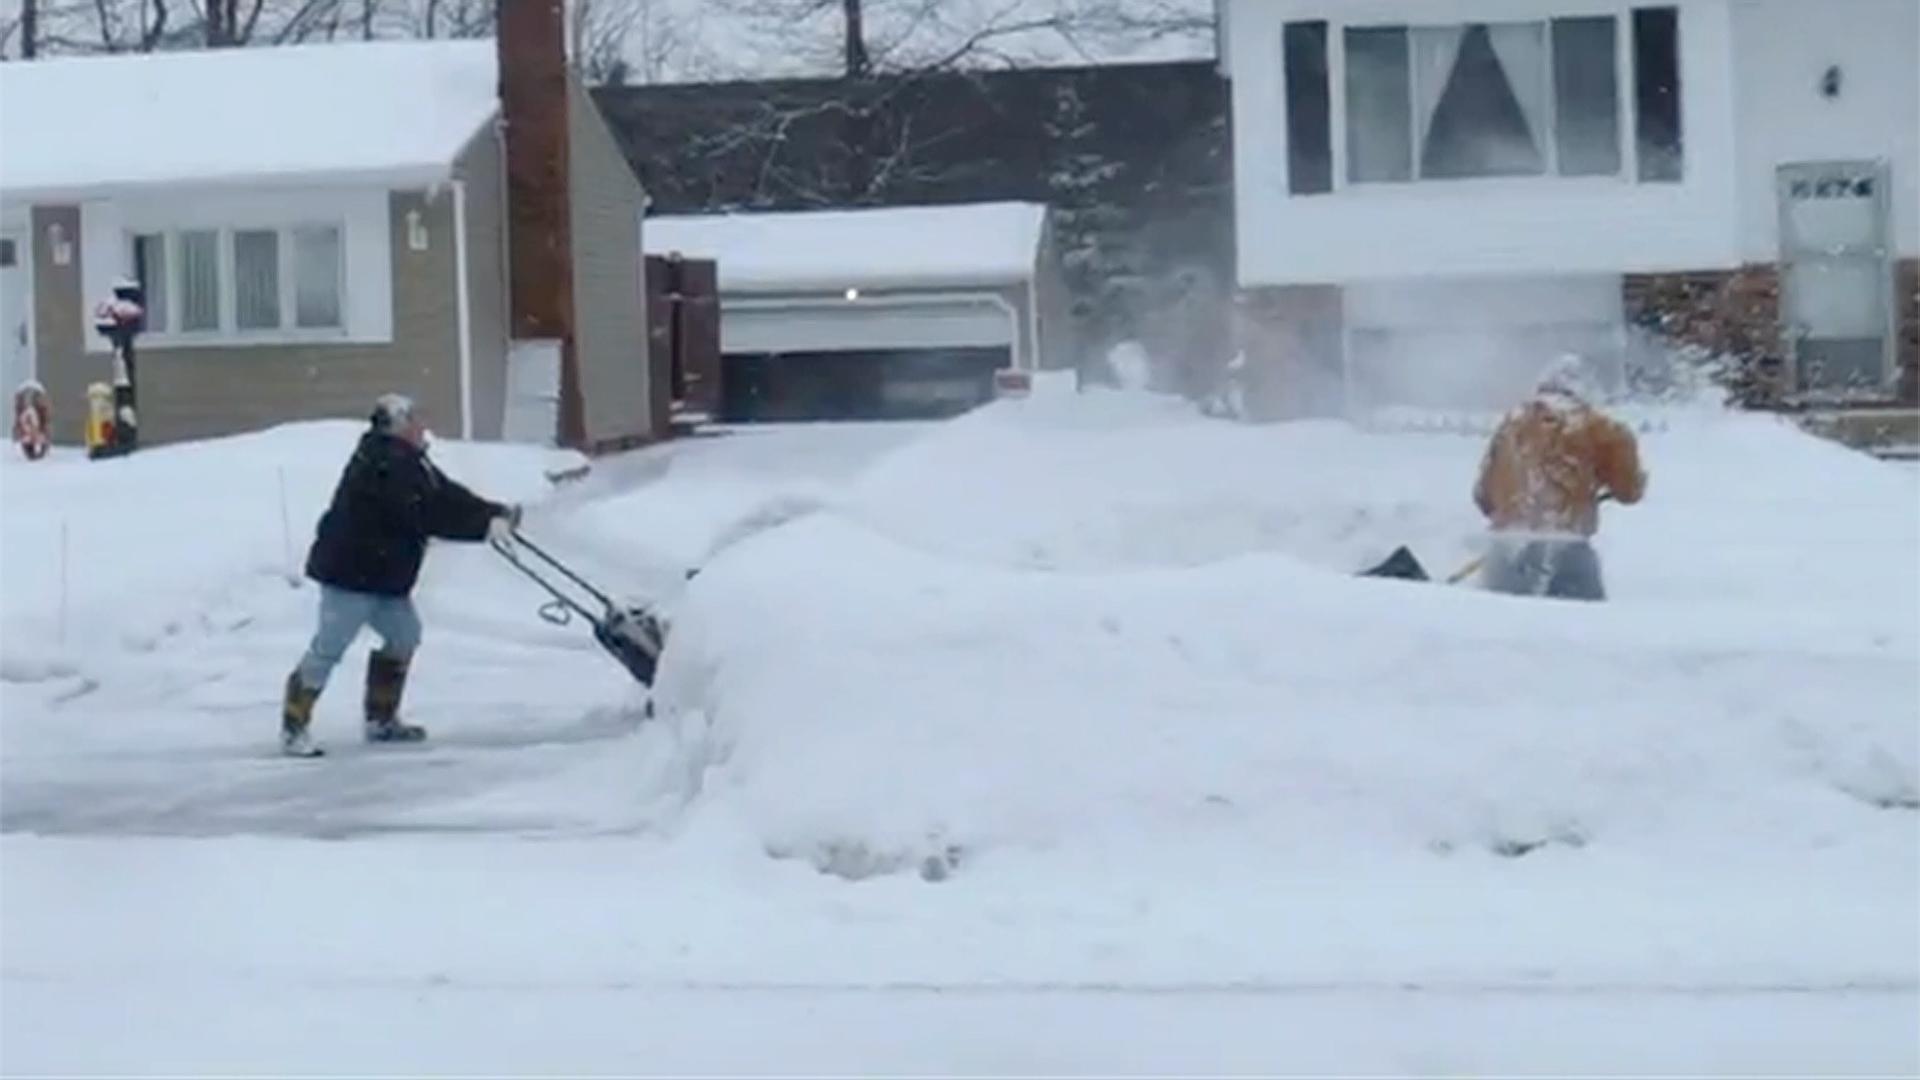 Shoveling snow gets hairy woman sadie matthews hot 7